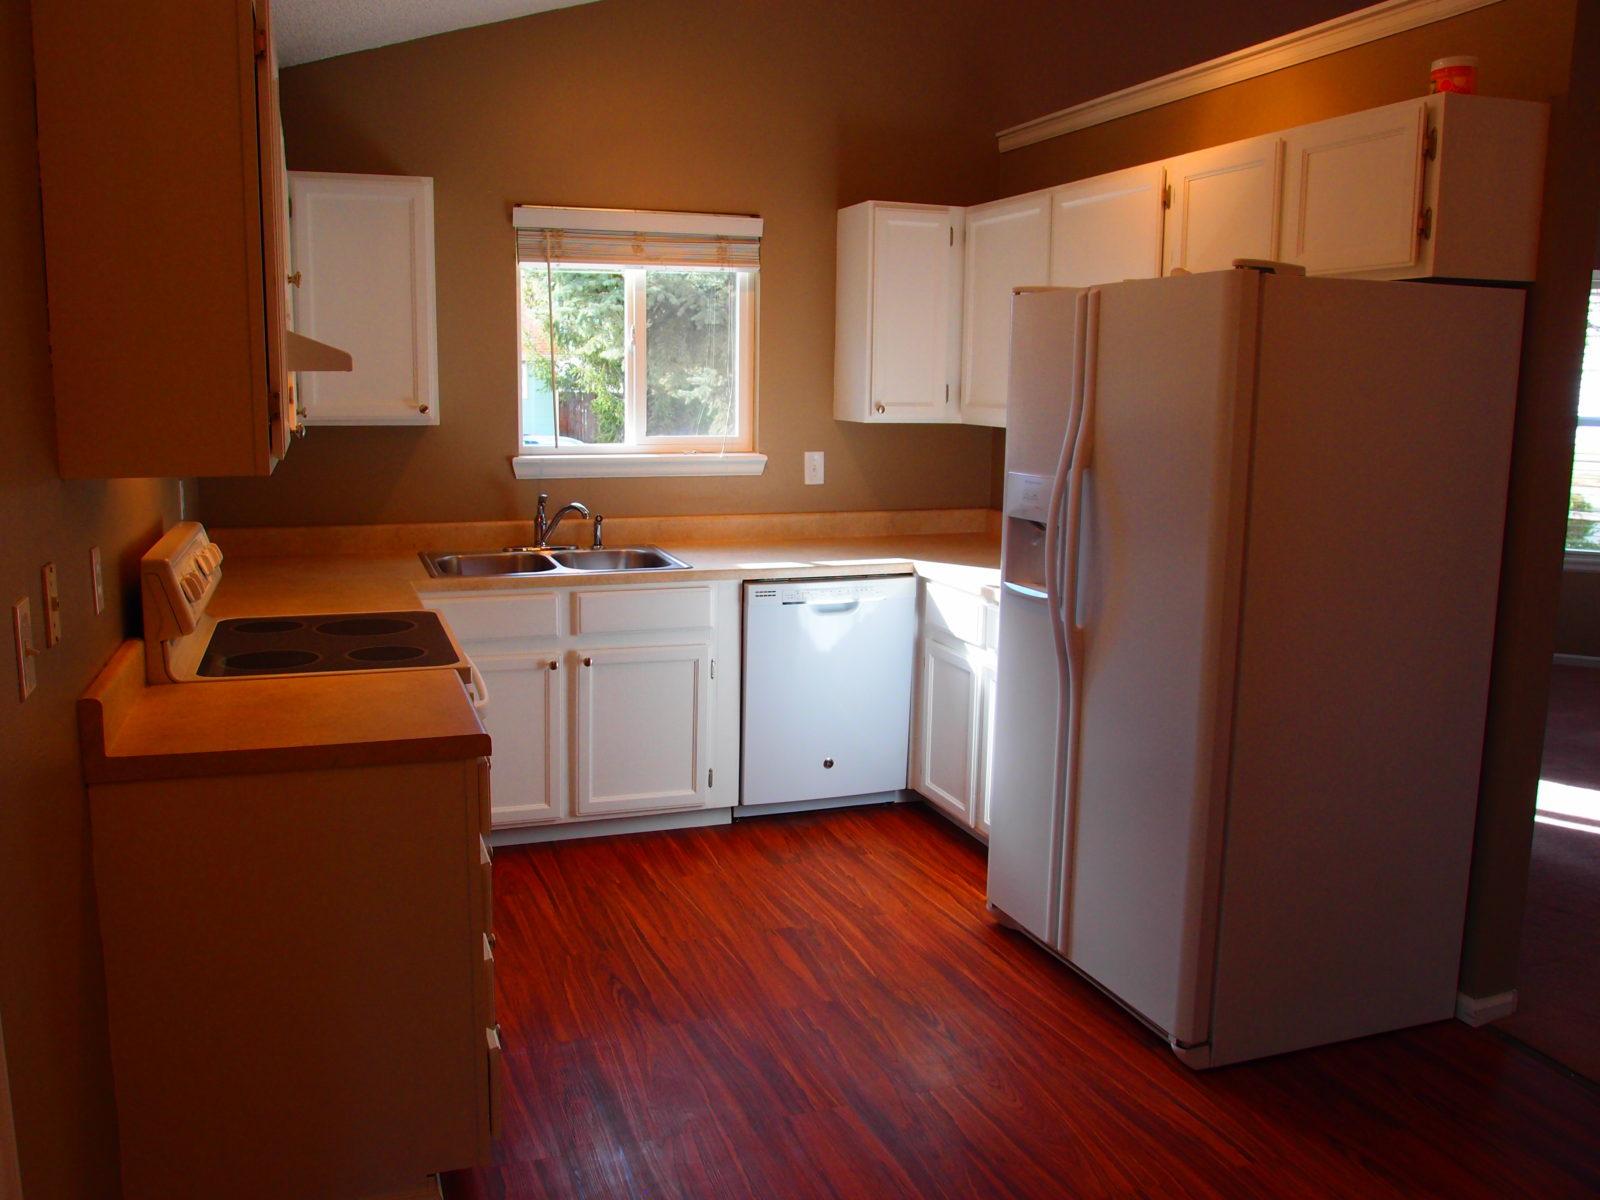 1455 Kitchen